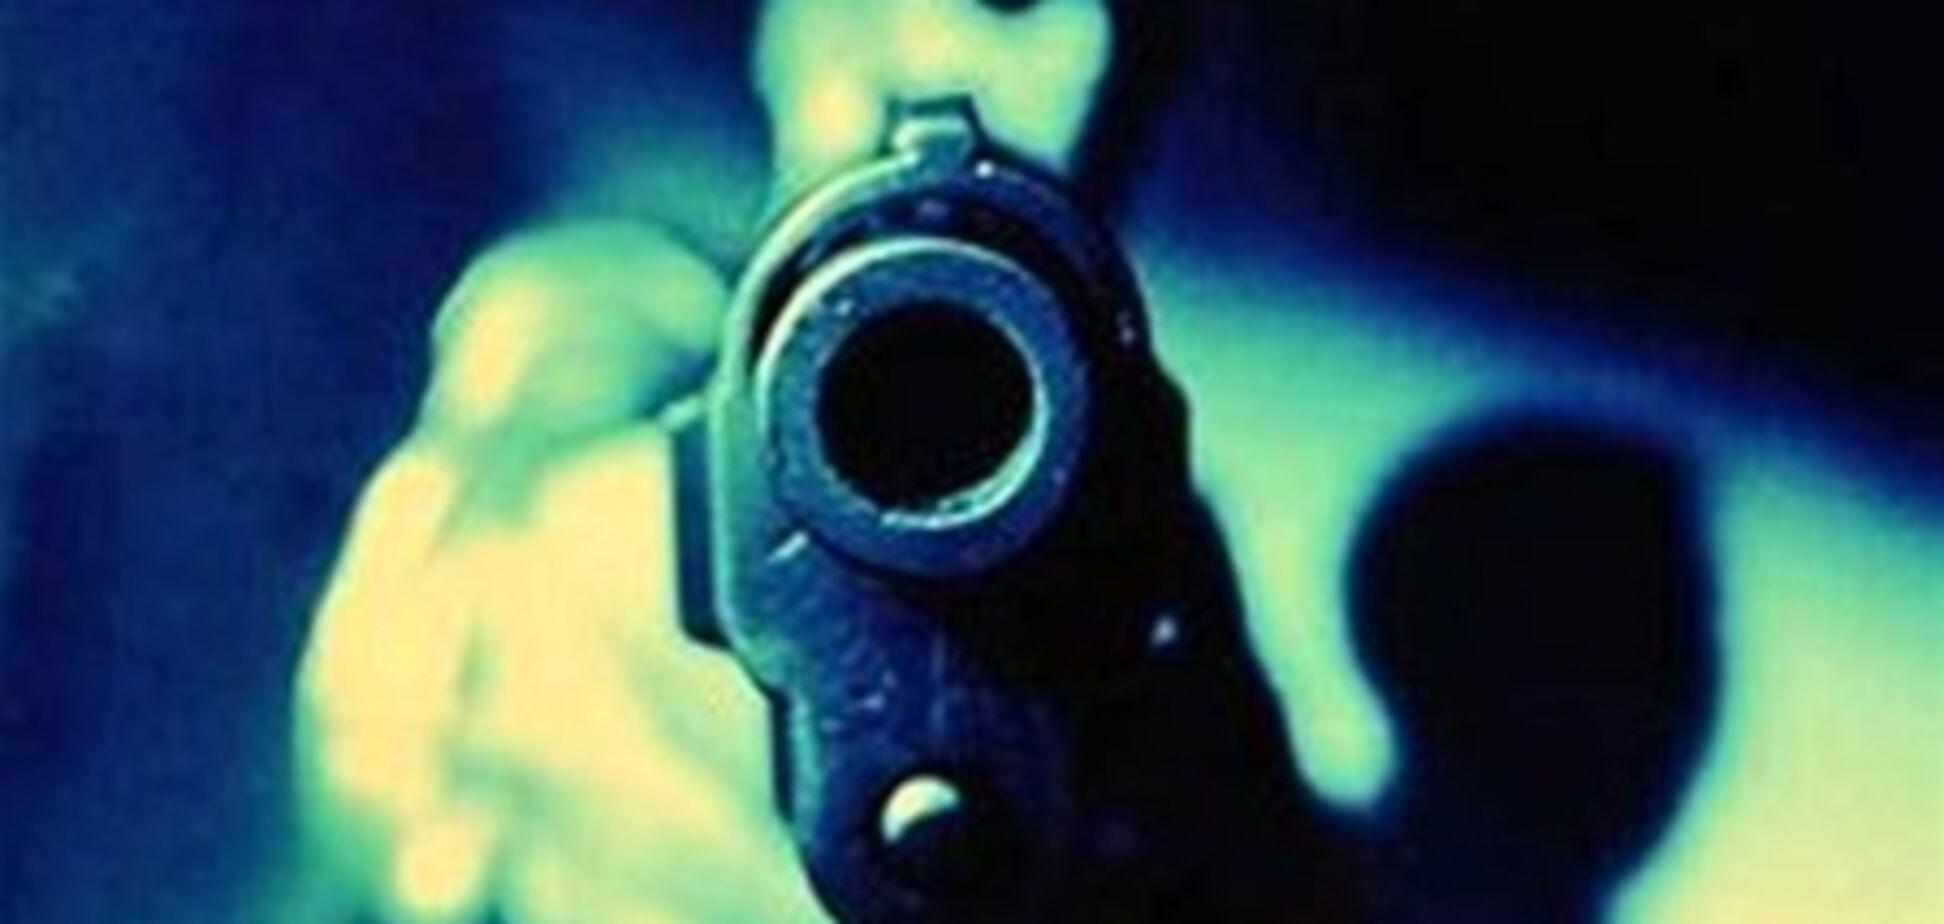 ЗМІ: в Домініканській Республіці убитий українець